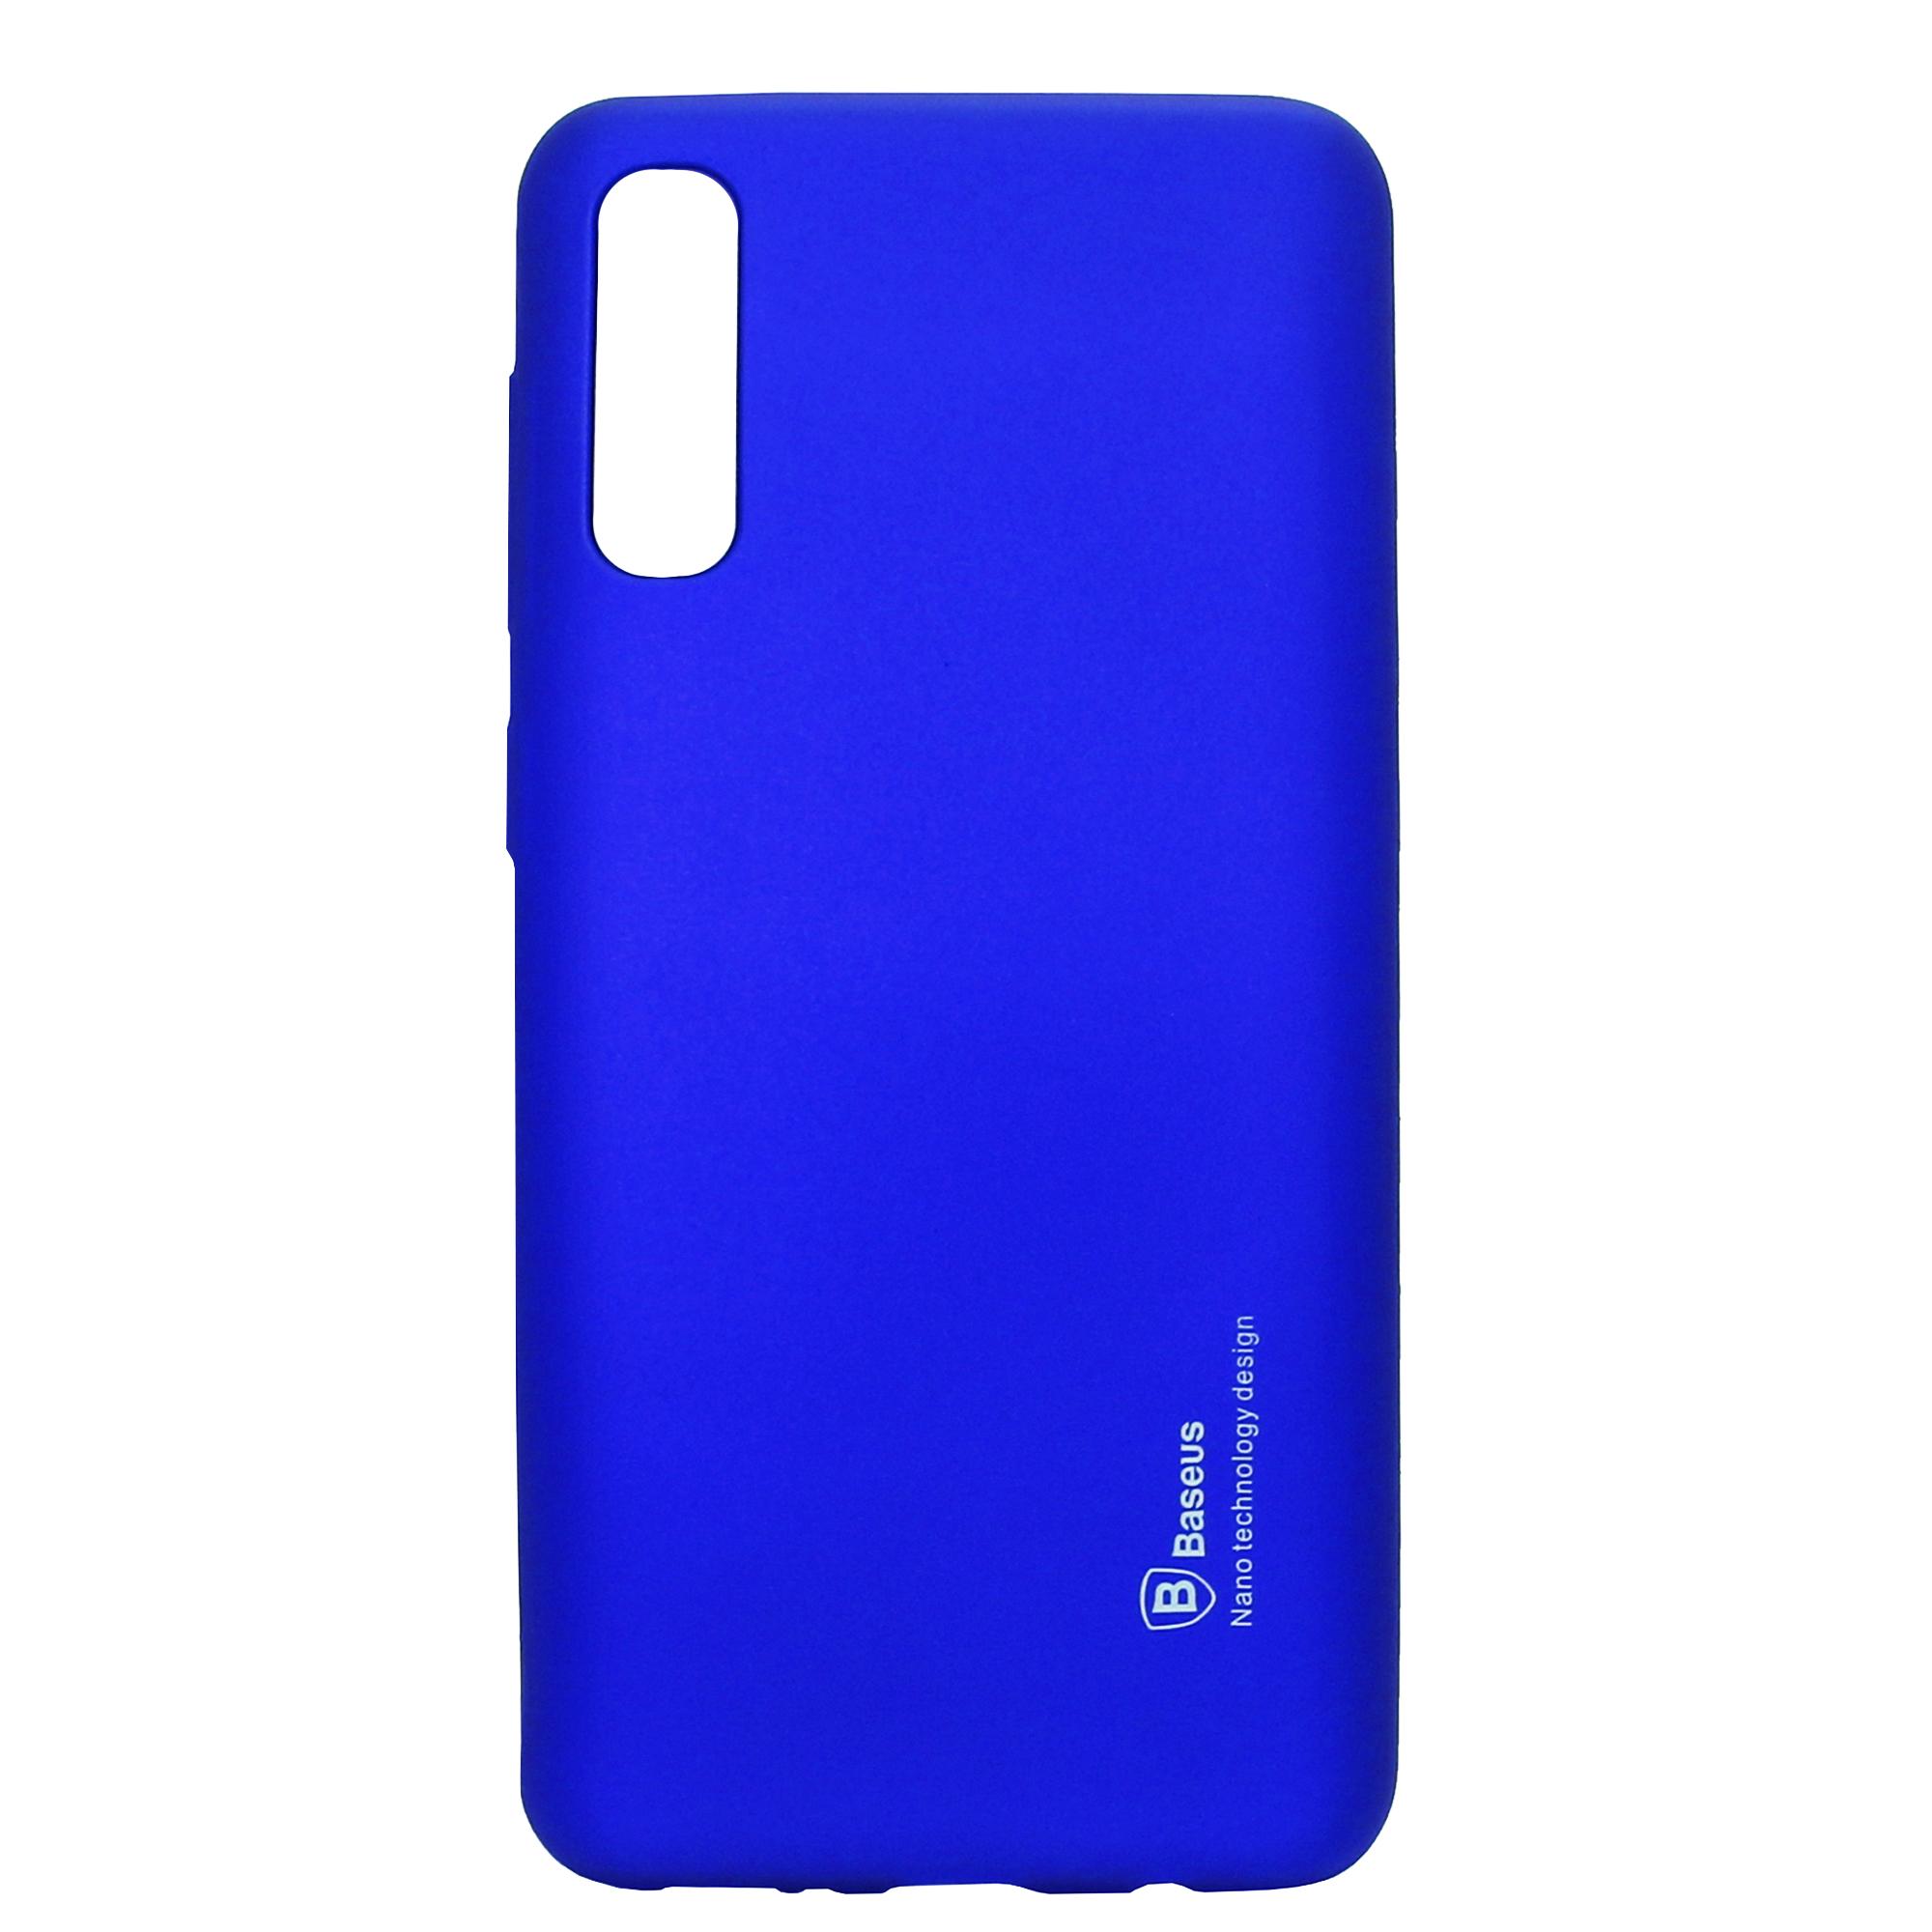 کاور مدل sj-01 مناسب برای گوشی موبایل سامسونگ galaxy A50